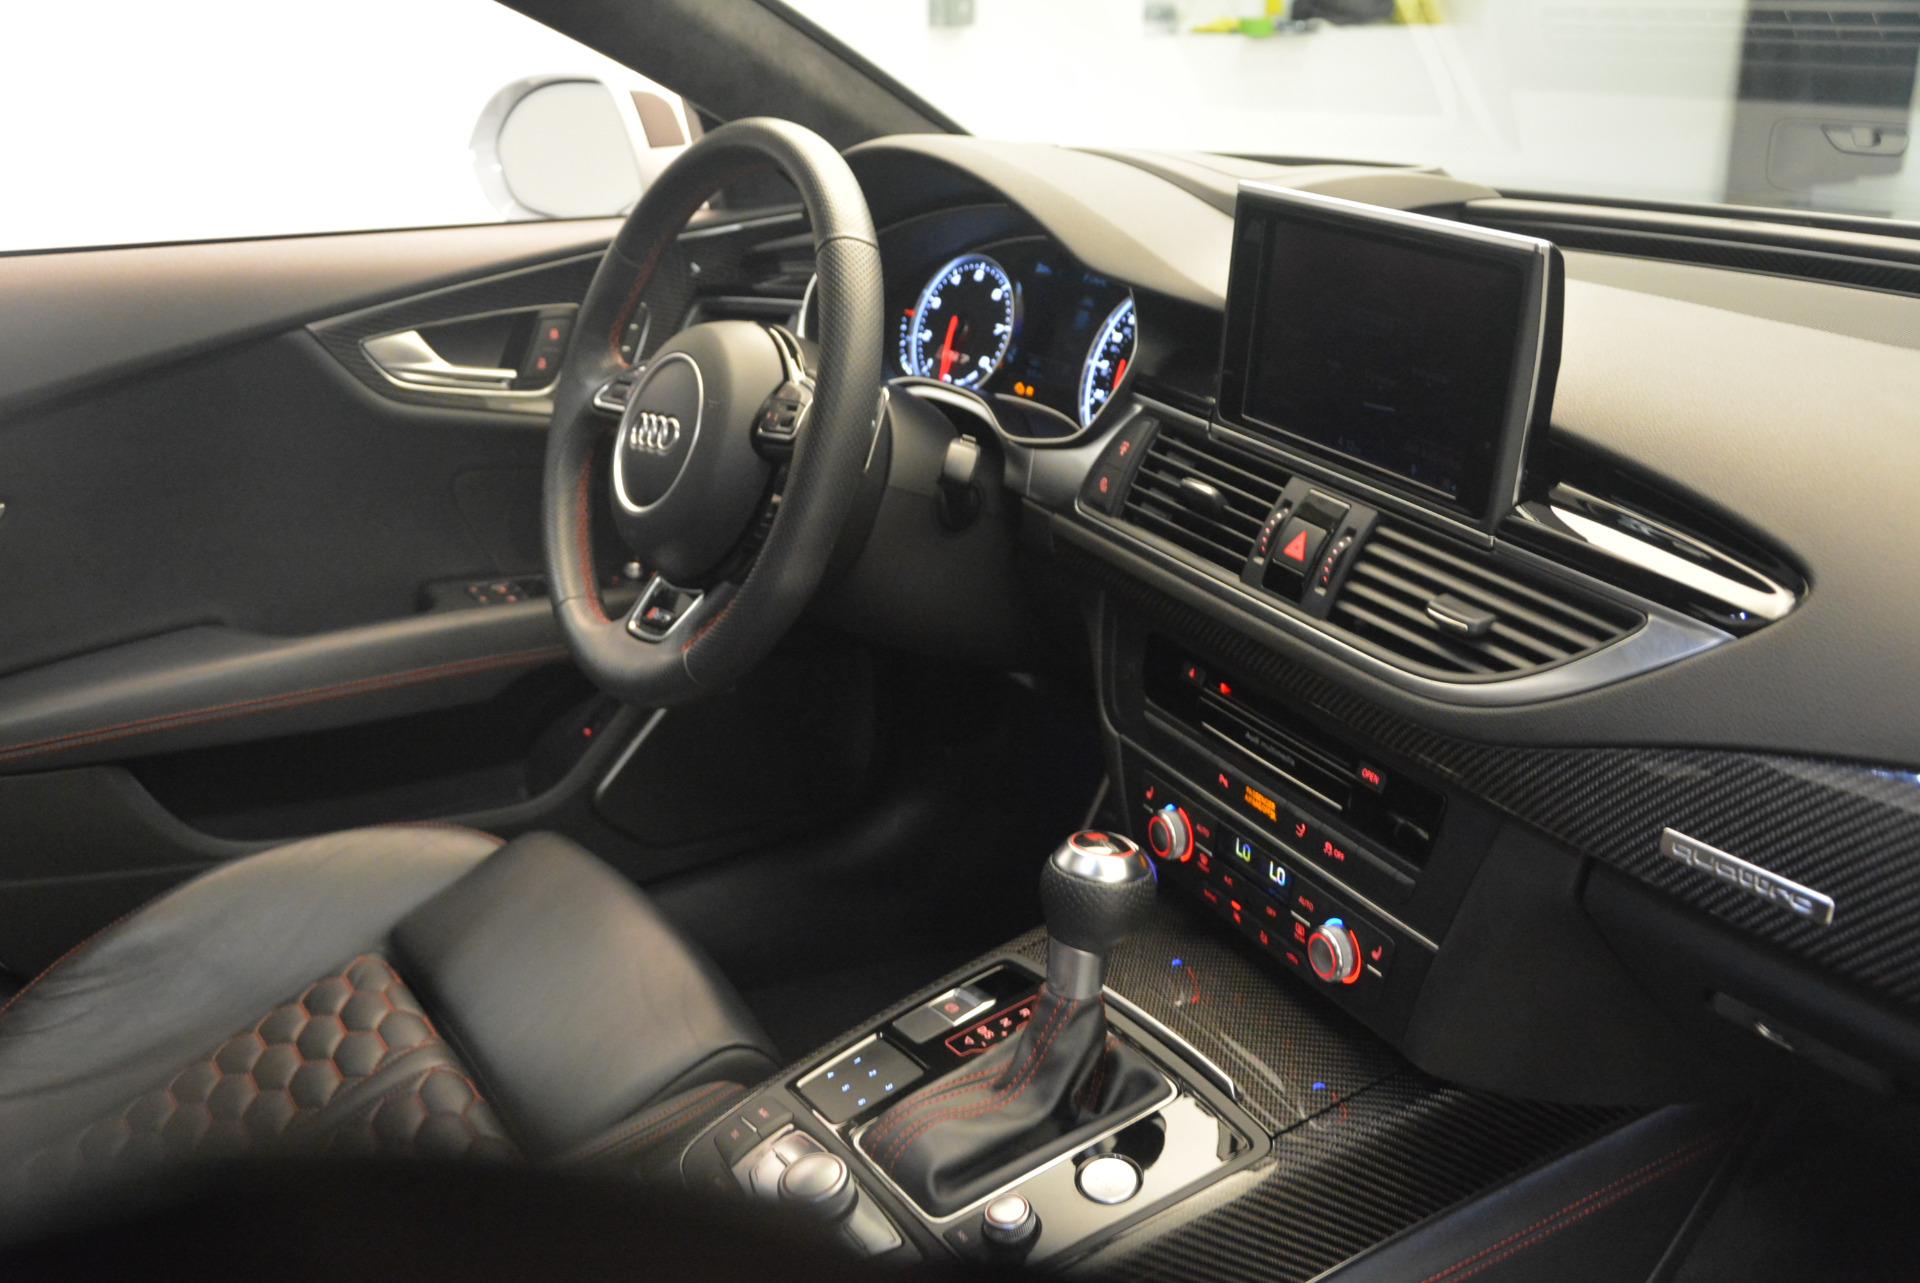 Used 2014 Audi RS 7 4.0T quattro Prestige For Sale In Greenwich, CT 1262_p44